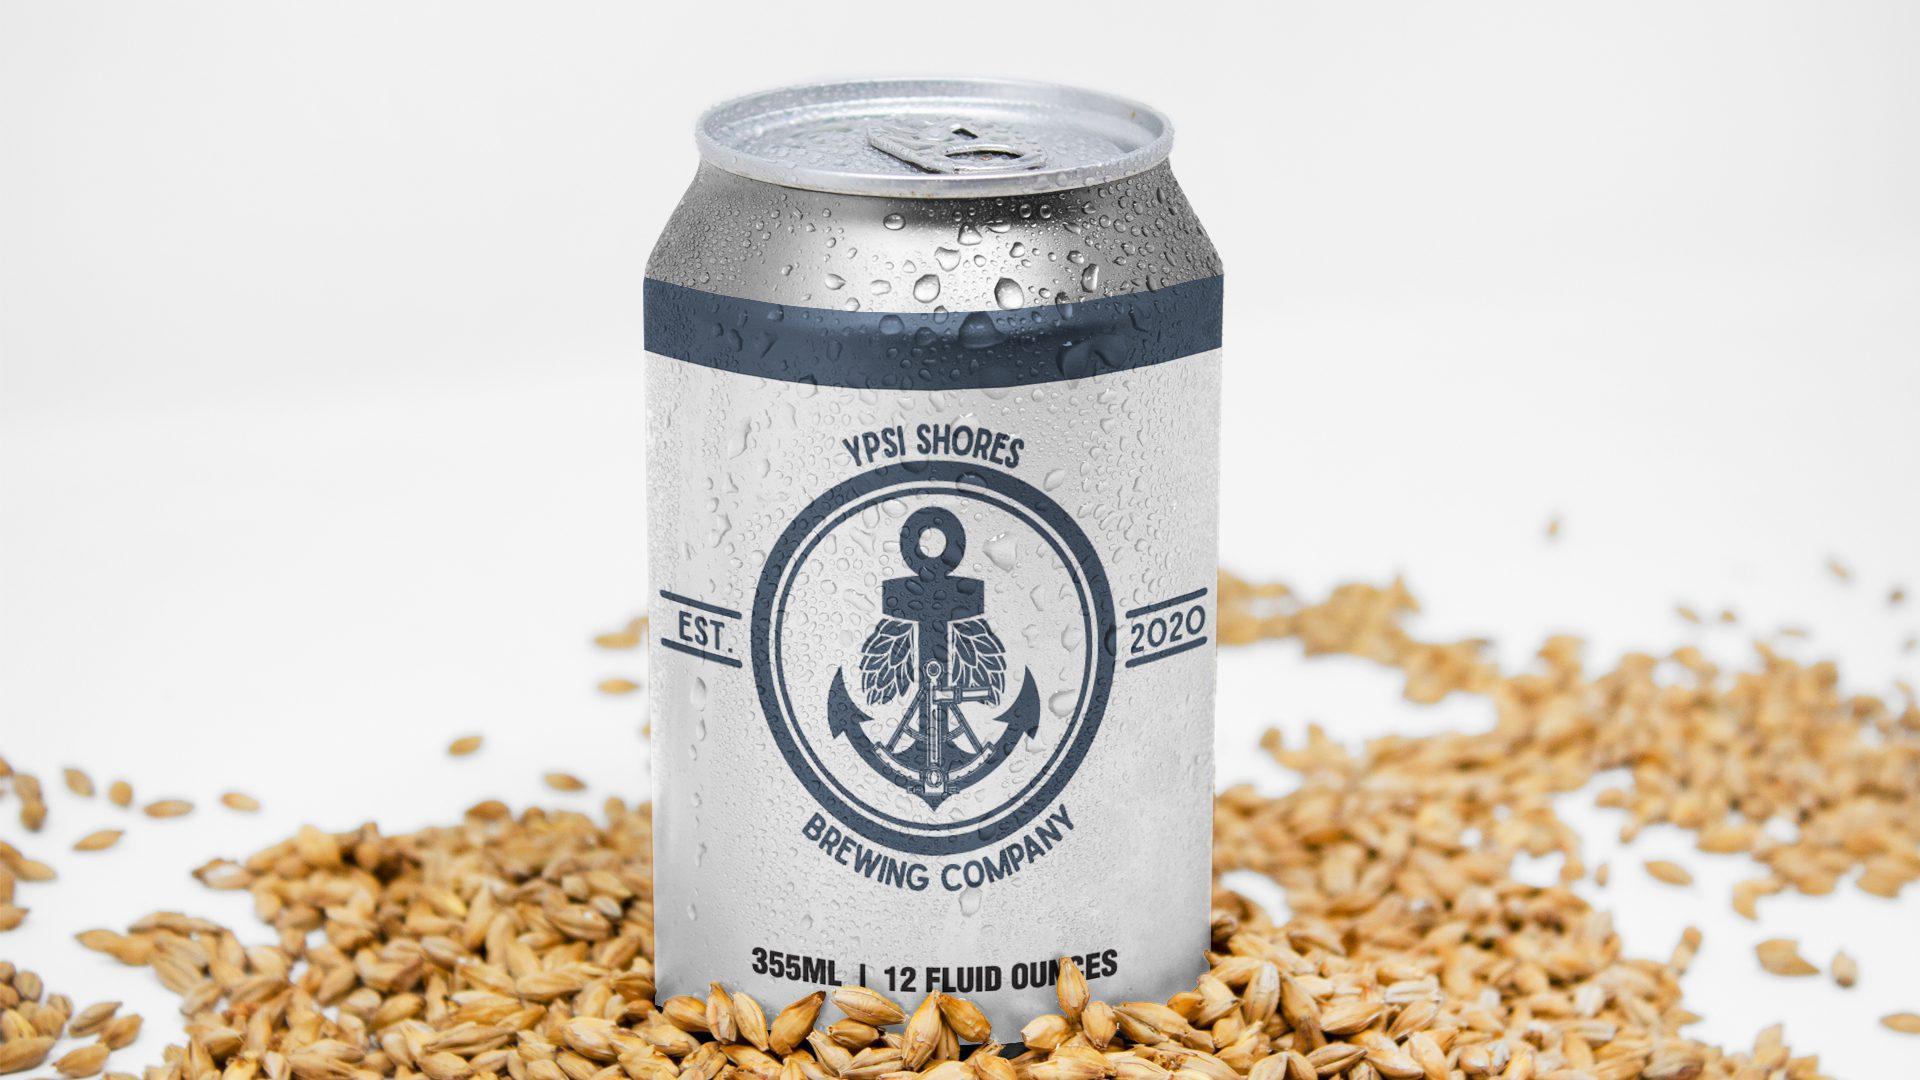 Ypsi Shores Brewing - 16 oz Can Label Mockup 03